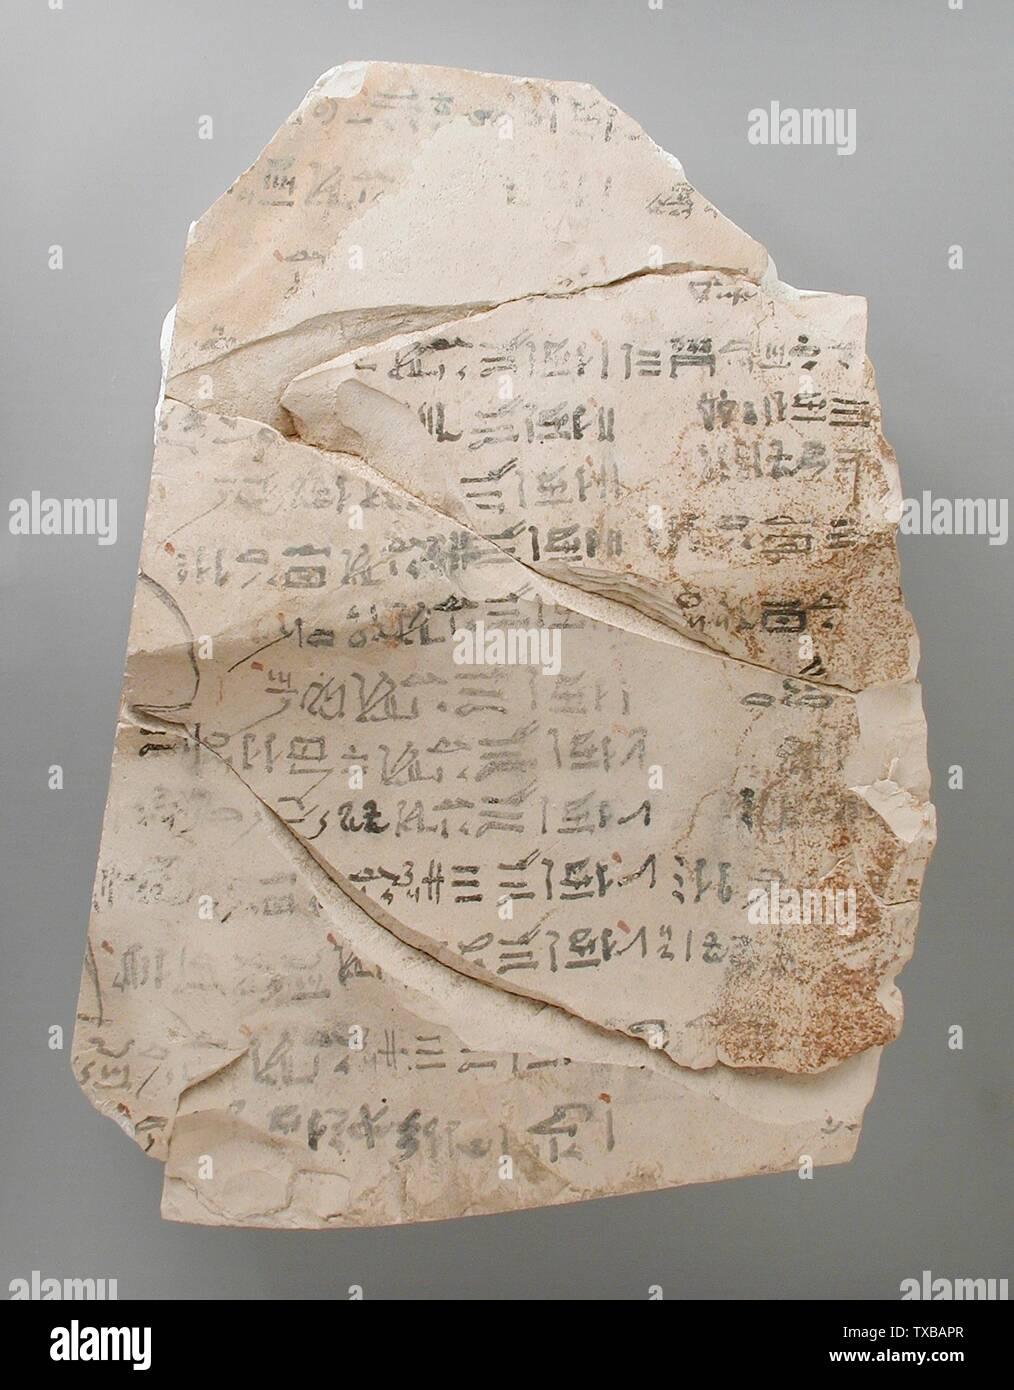 'Une partie de la reconstitution d'un Ostracon décrivant le rituel pour Amen-Re; Haute Egypte, Thèbes, probablement village de Deir el Medina, Nouvel Empire, 19e et 20e Dynasties (1315 - 1081 avant notre ère) Outils et équipement; calcaire ostraka 5 1/8 x 5 11/16 in. (13 x 14,5 cm Don de Carl W. Thomas (M.80.203.192) L'art égyptien; 19e et 20e Dynasties (1315 - 1081 avant notre ère); ' Photo Stock